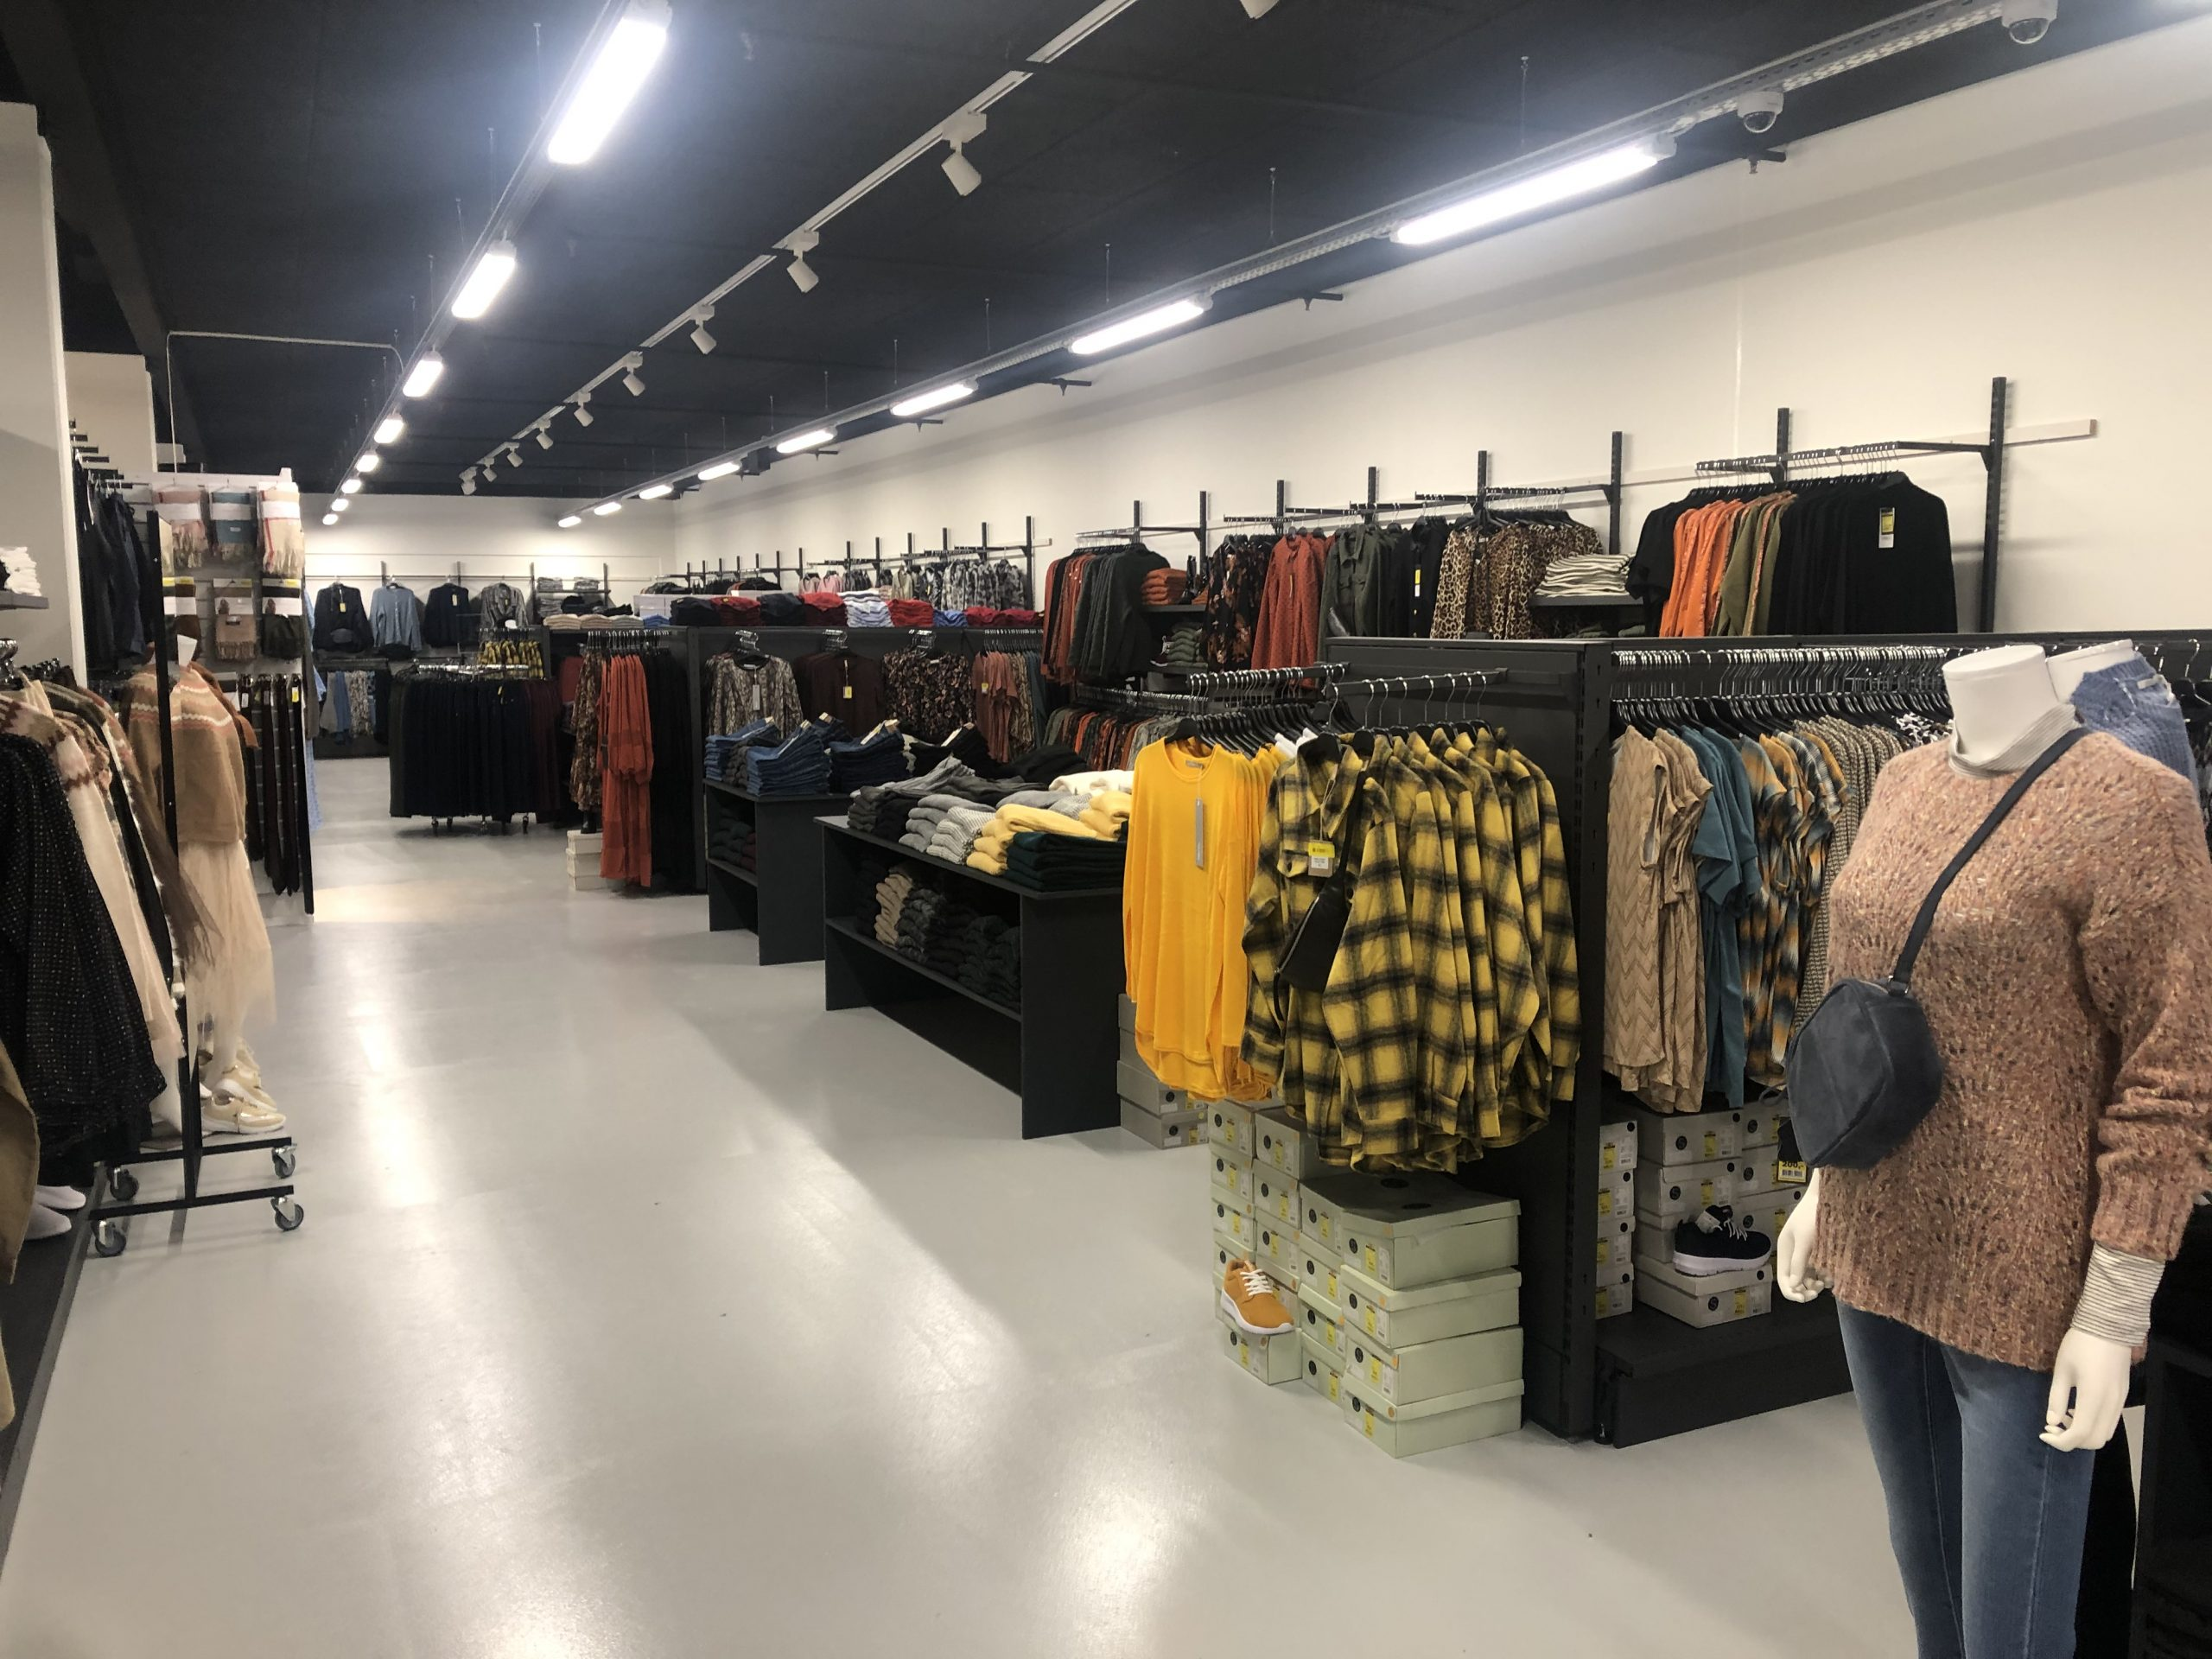 Åbningsfest over fire dage: Her åbner kæmpe Outlet-butik i denne uge